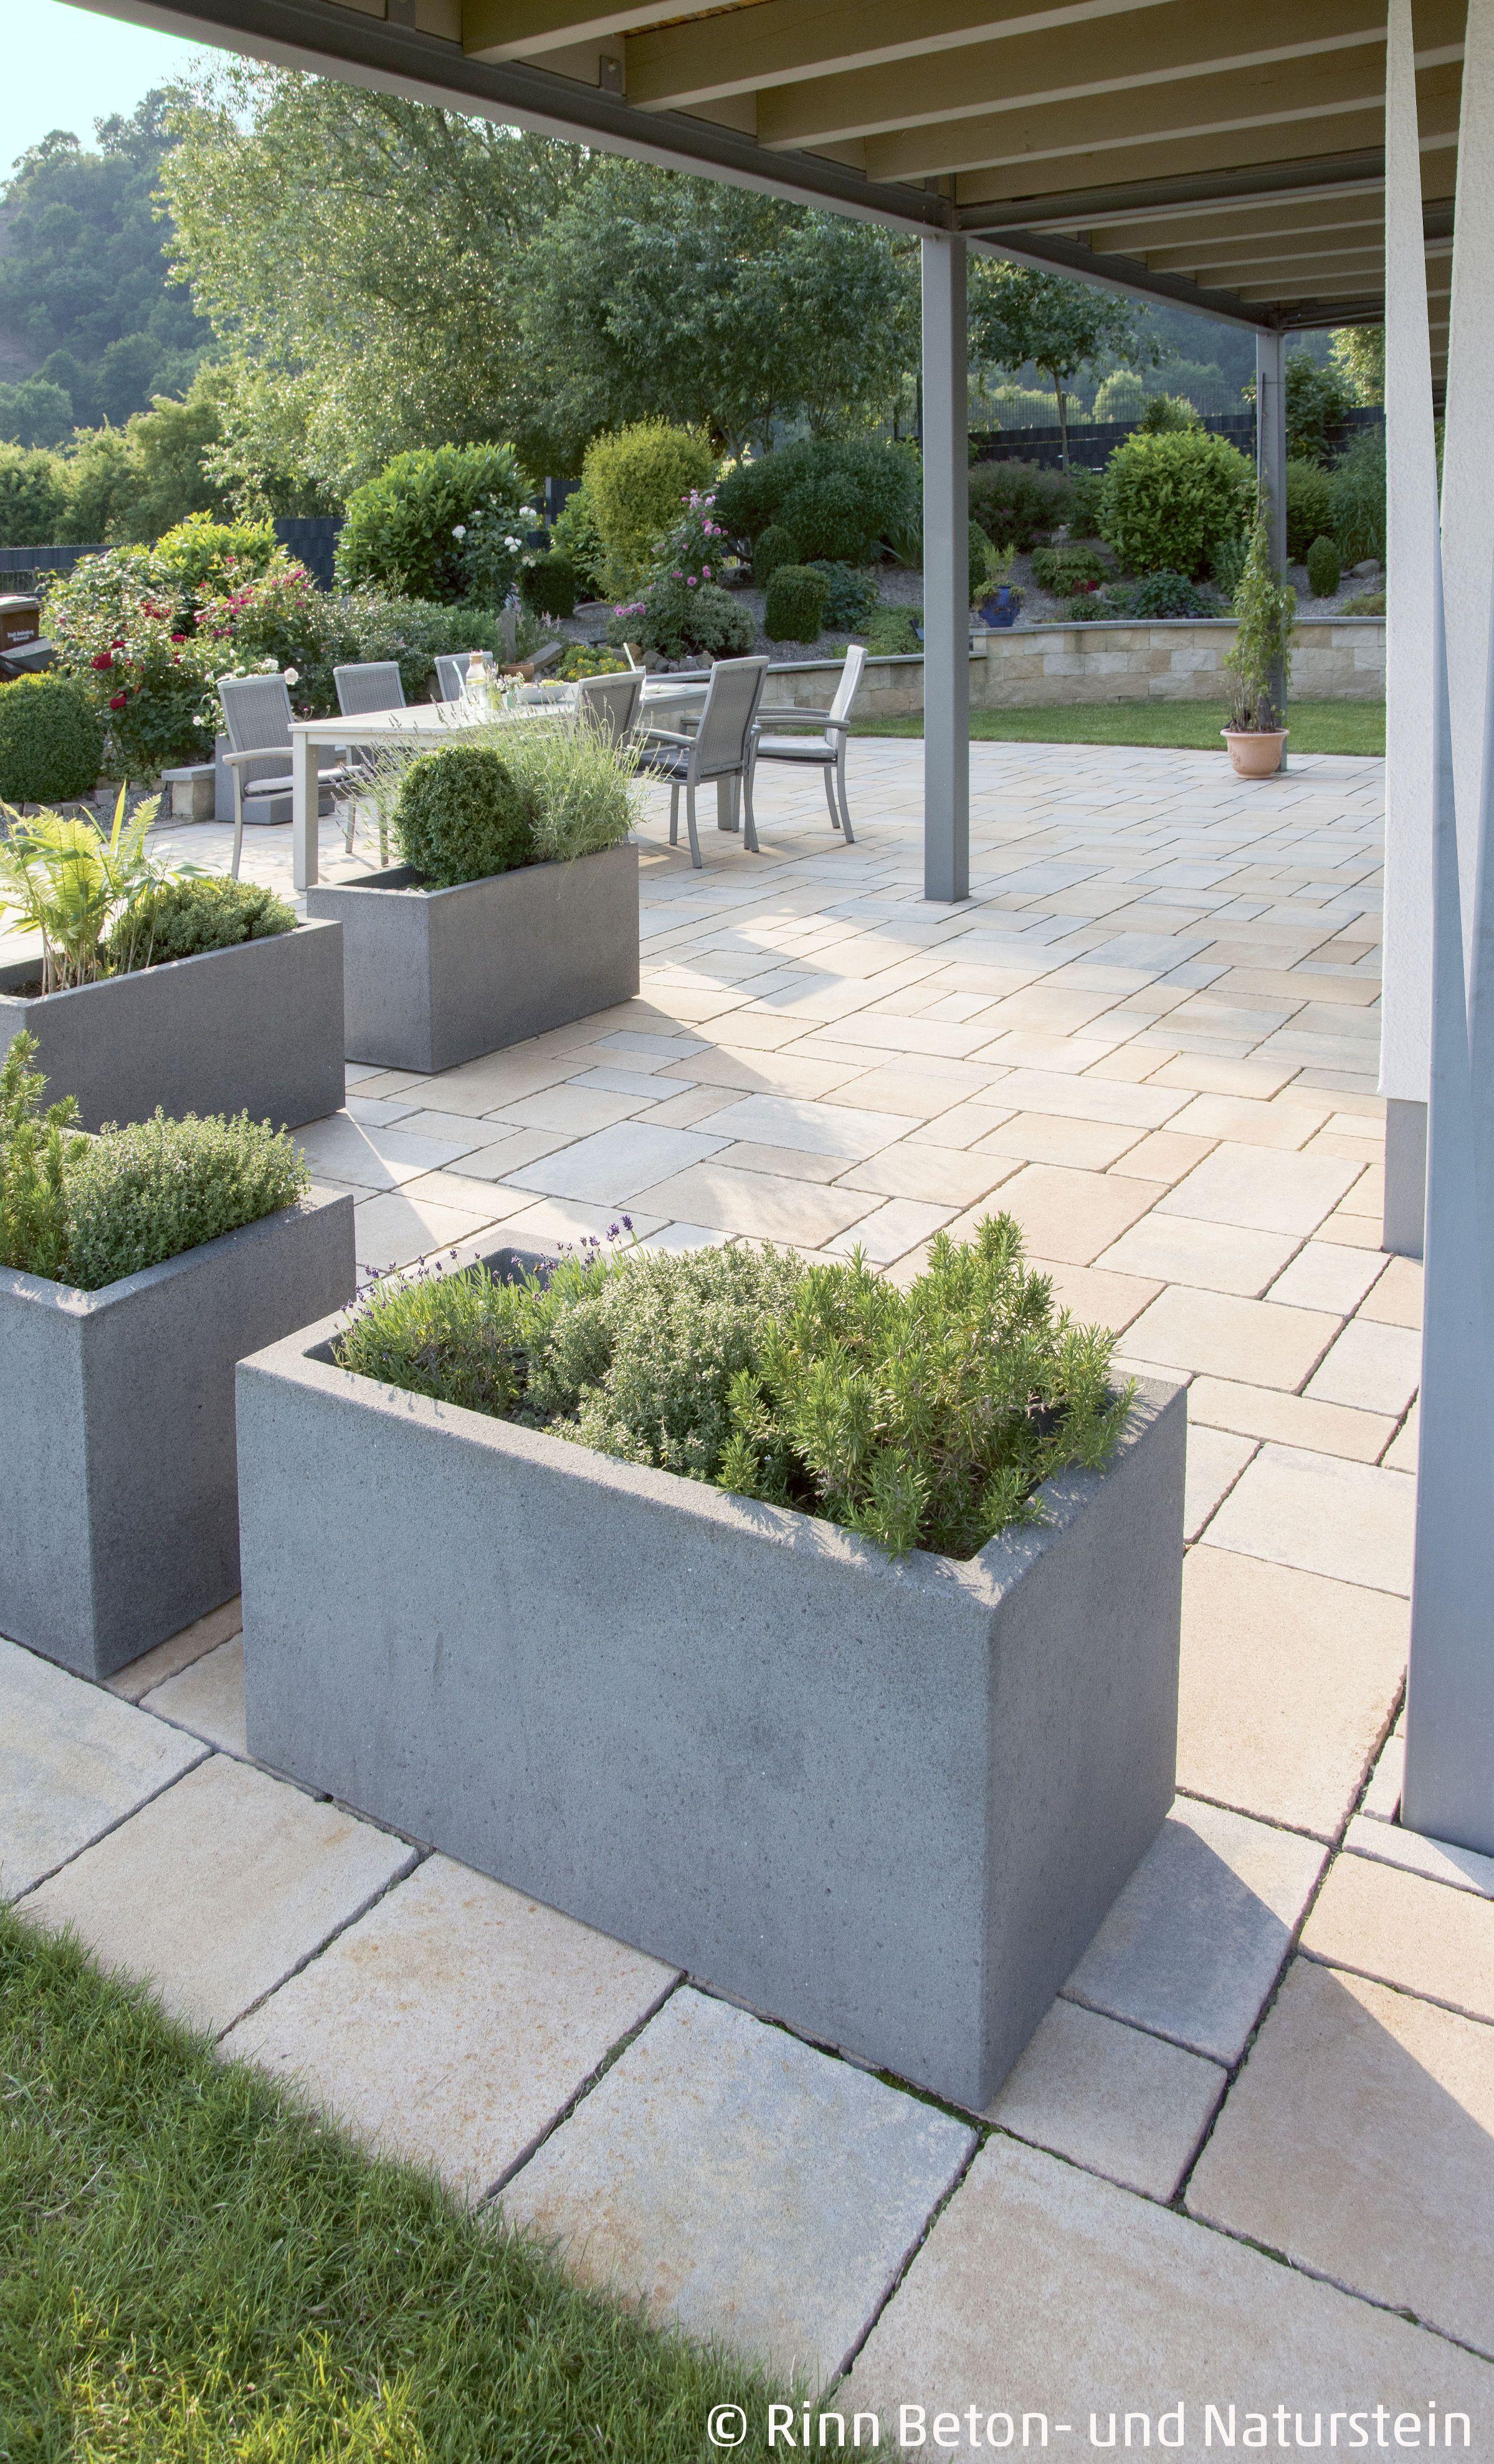 Beton Pflanzgefass Kleinegarten Um Den Uberdachten Sitzbereich Von